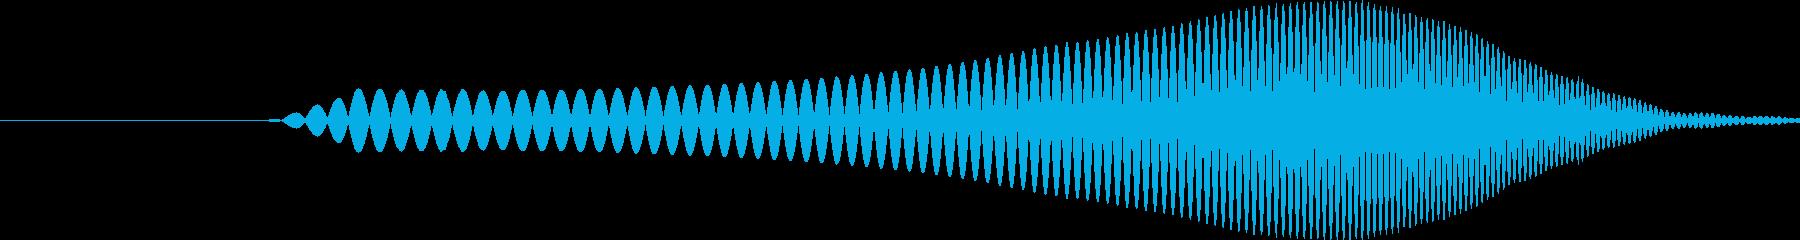 シングルウォーターバブルドロップ、...の再生済みの波形